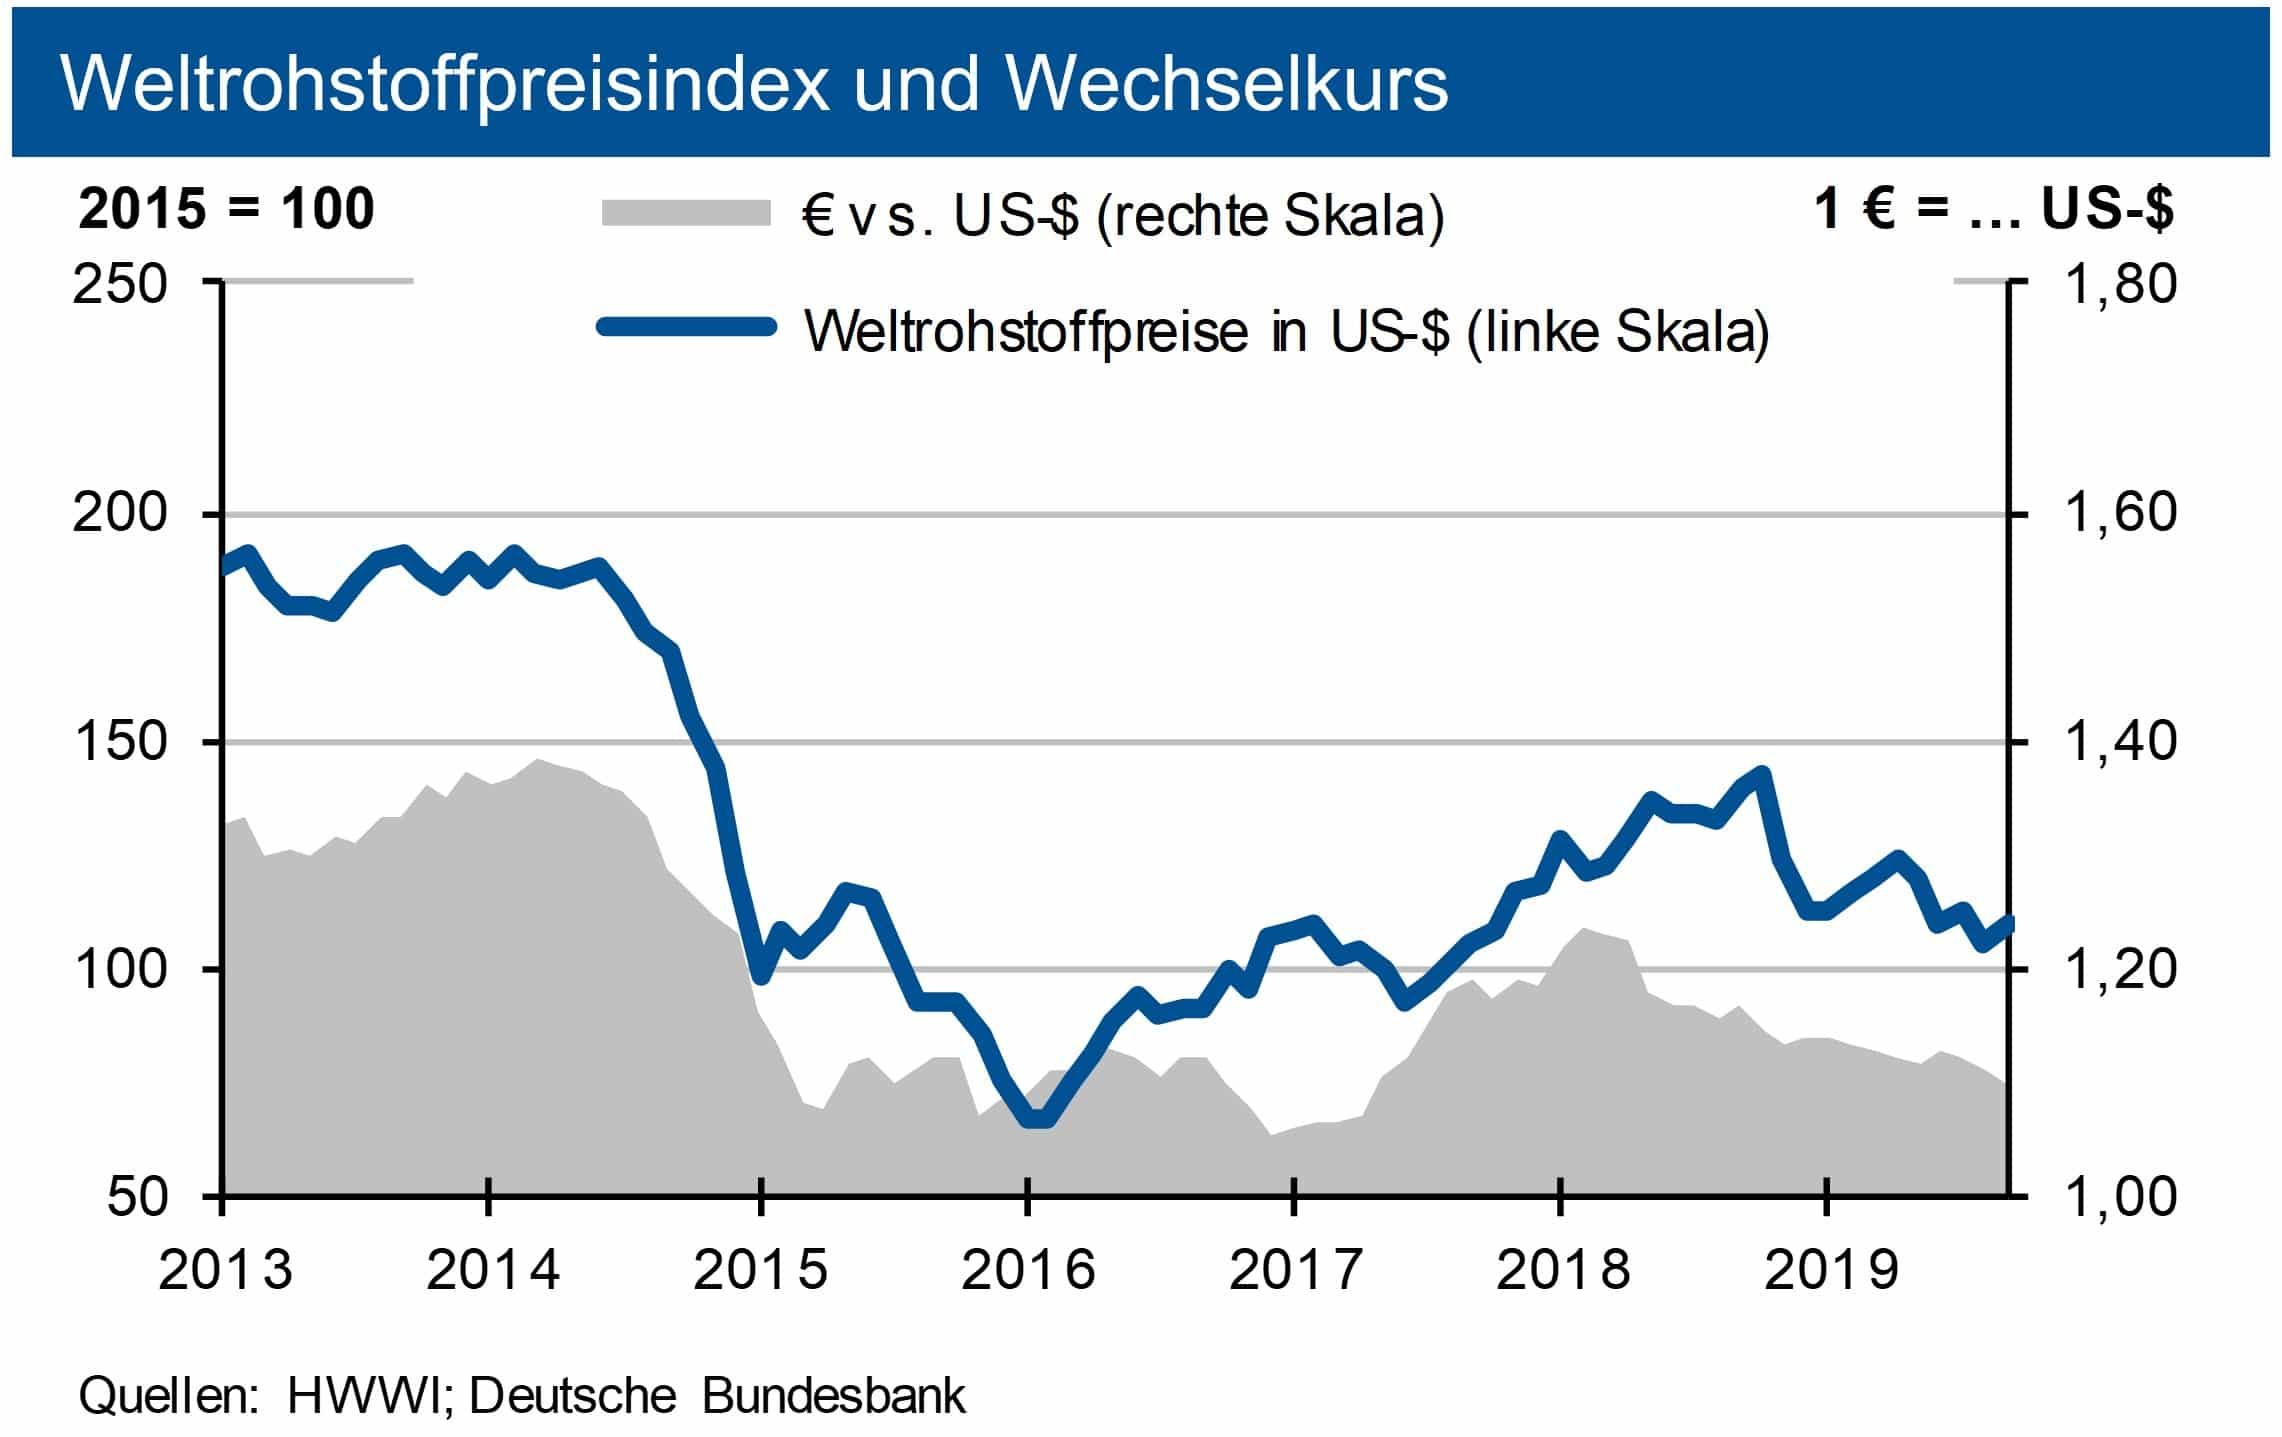 Weltrohstoffpreisindex und Wechselkurs